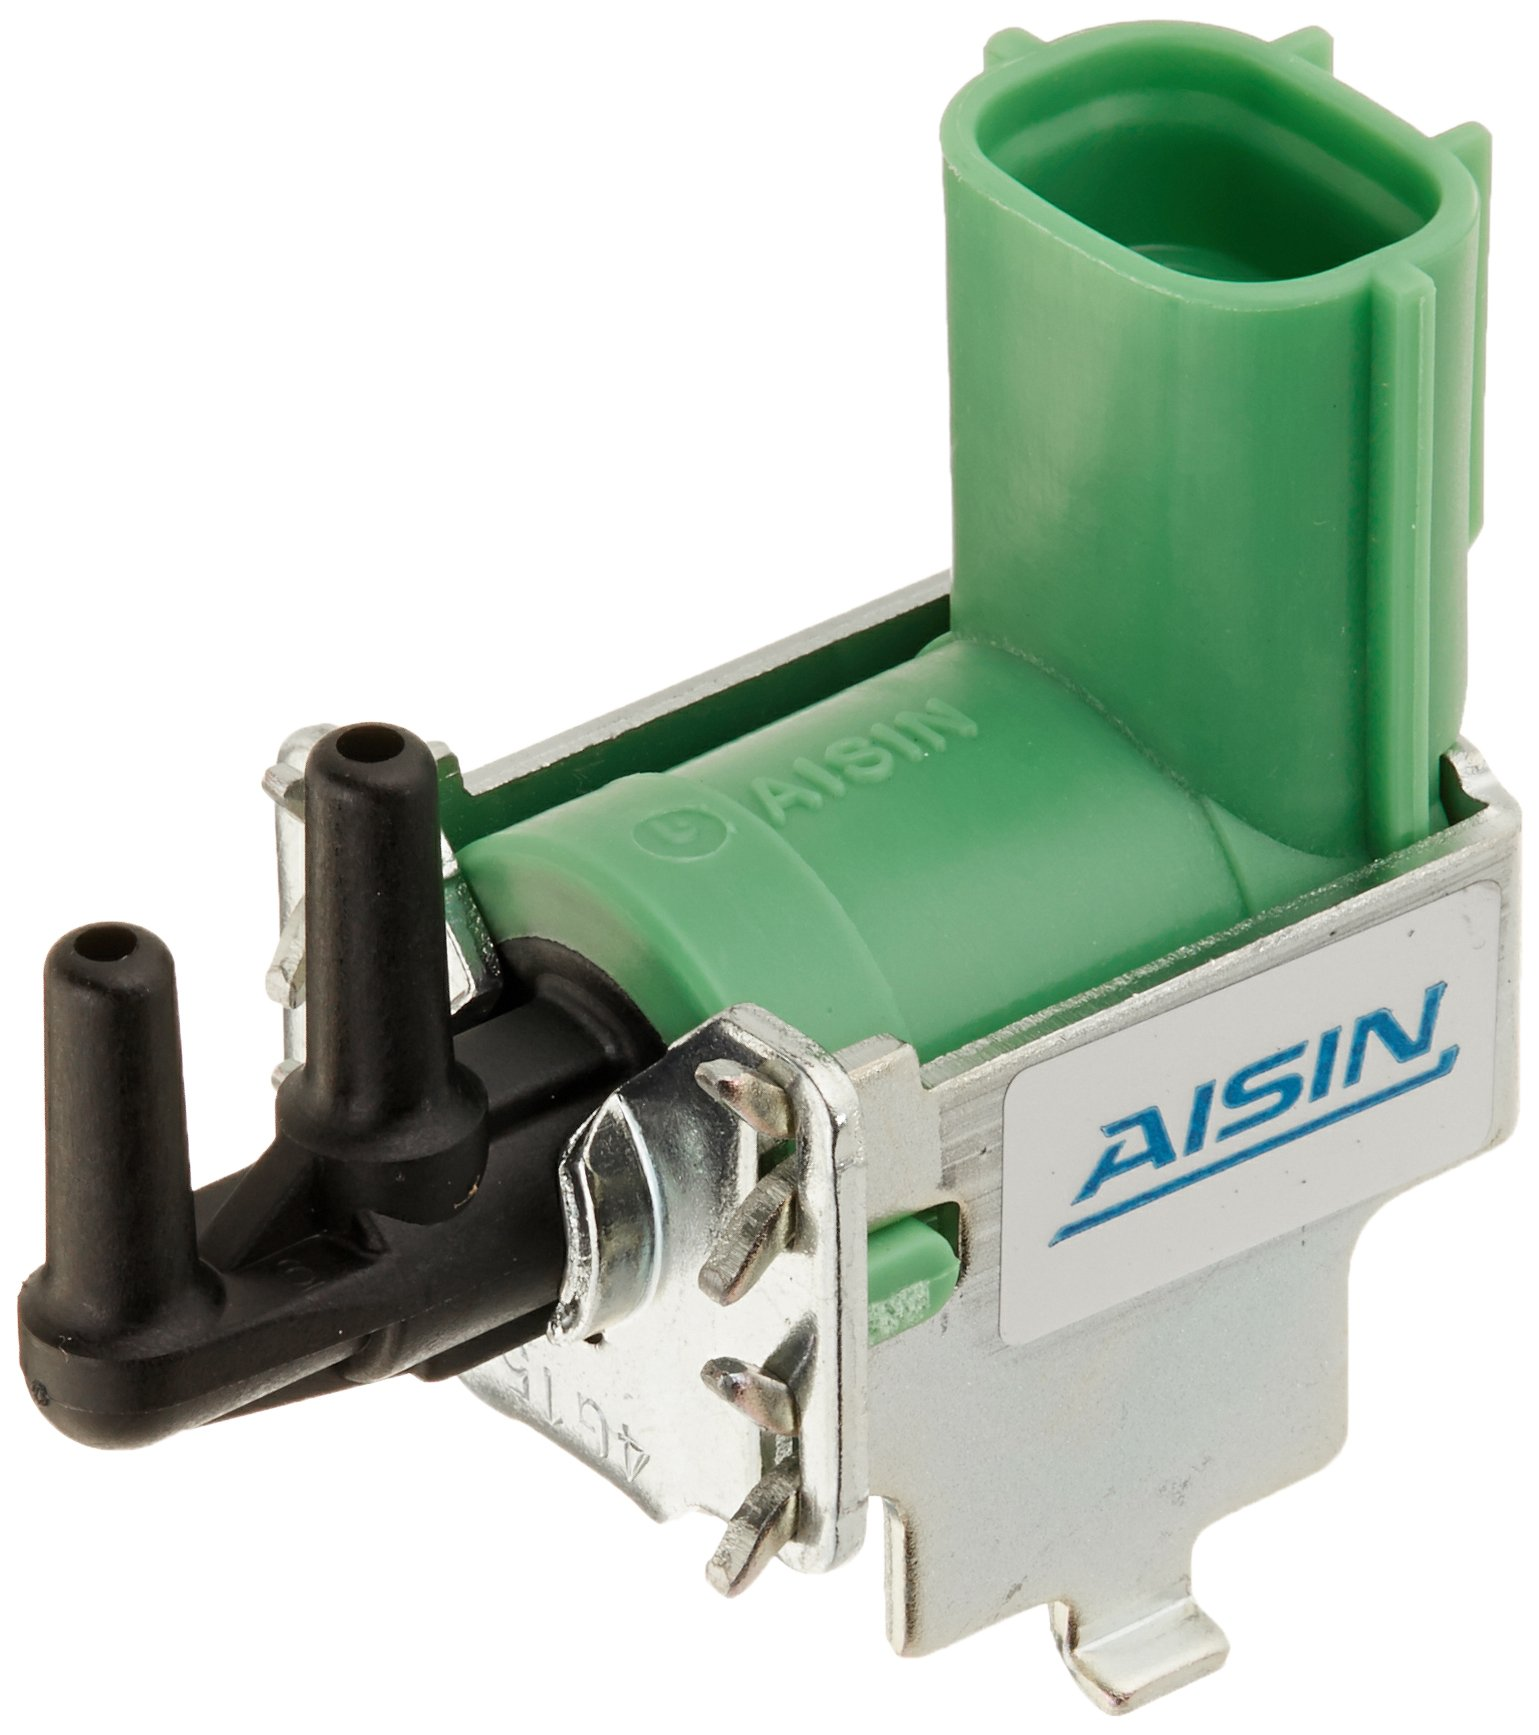 Aisin VST-001 Bulk Vacuum Switch Valve - Green